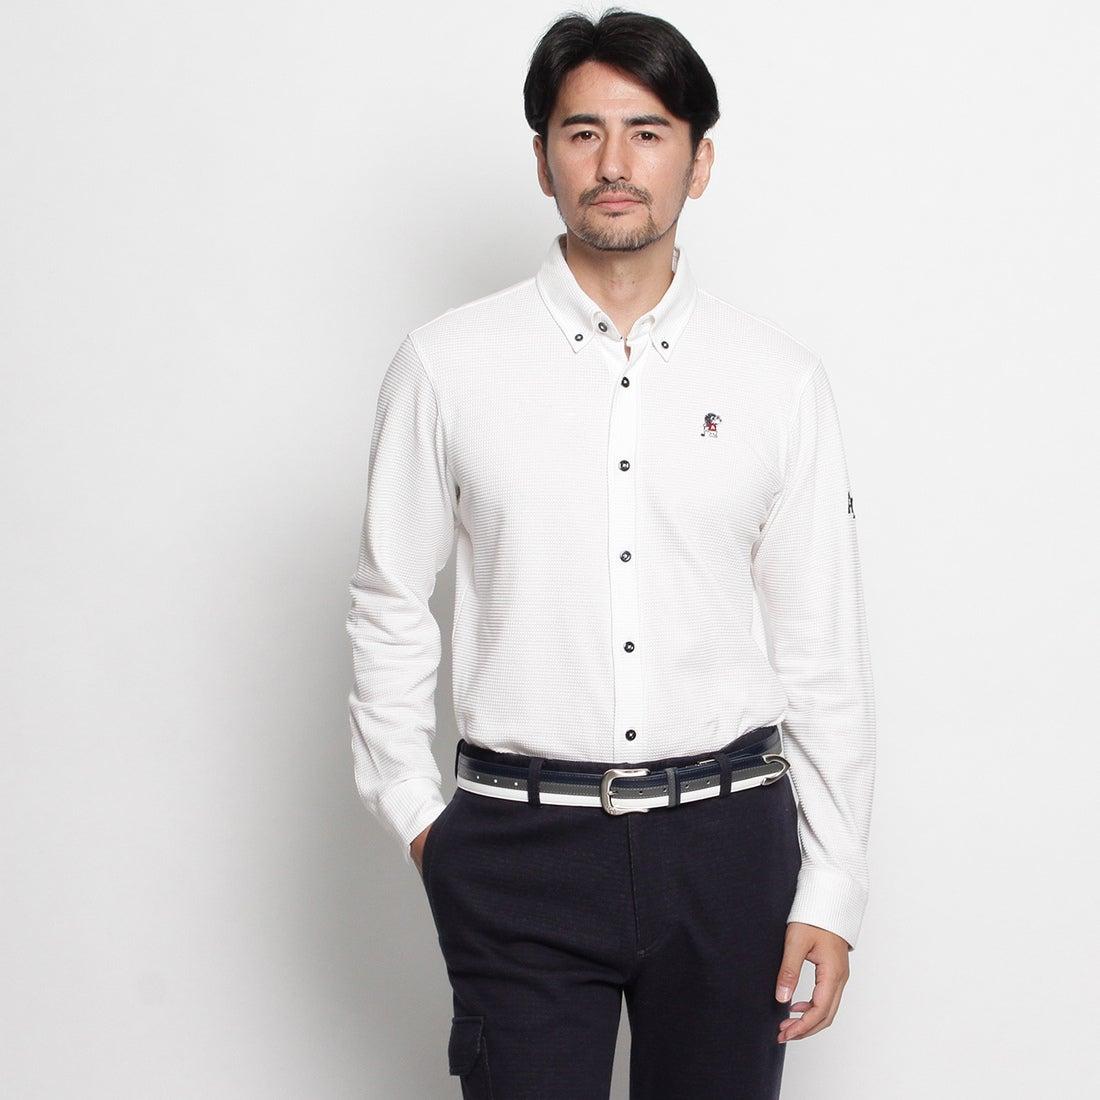 【SALE 30%OFF】アダバット adabat 30周年企画『アシスト君』ワッフルジャージ長袖シャツ (ホワイト系)